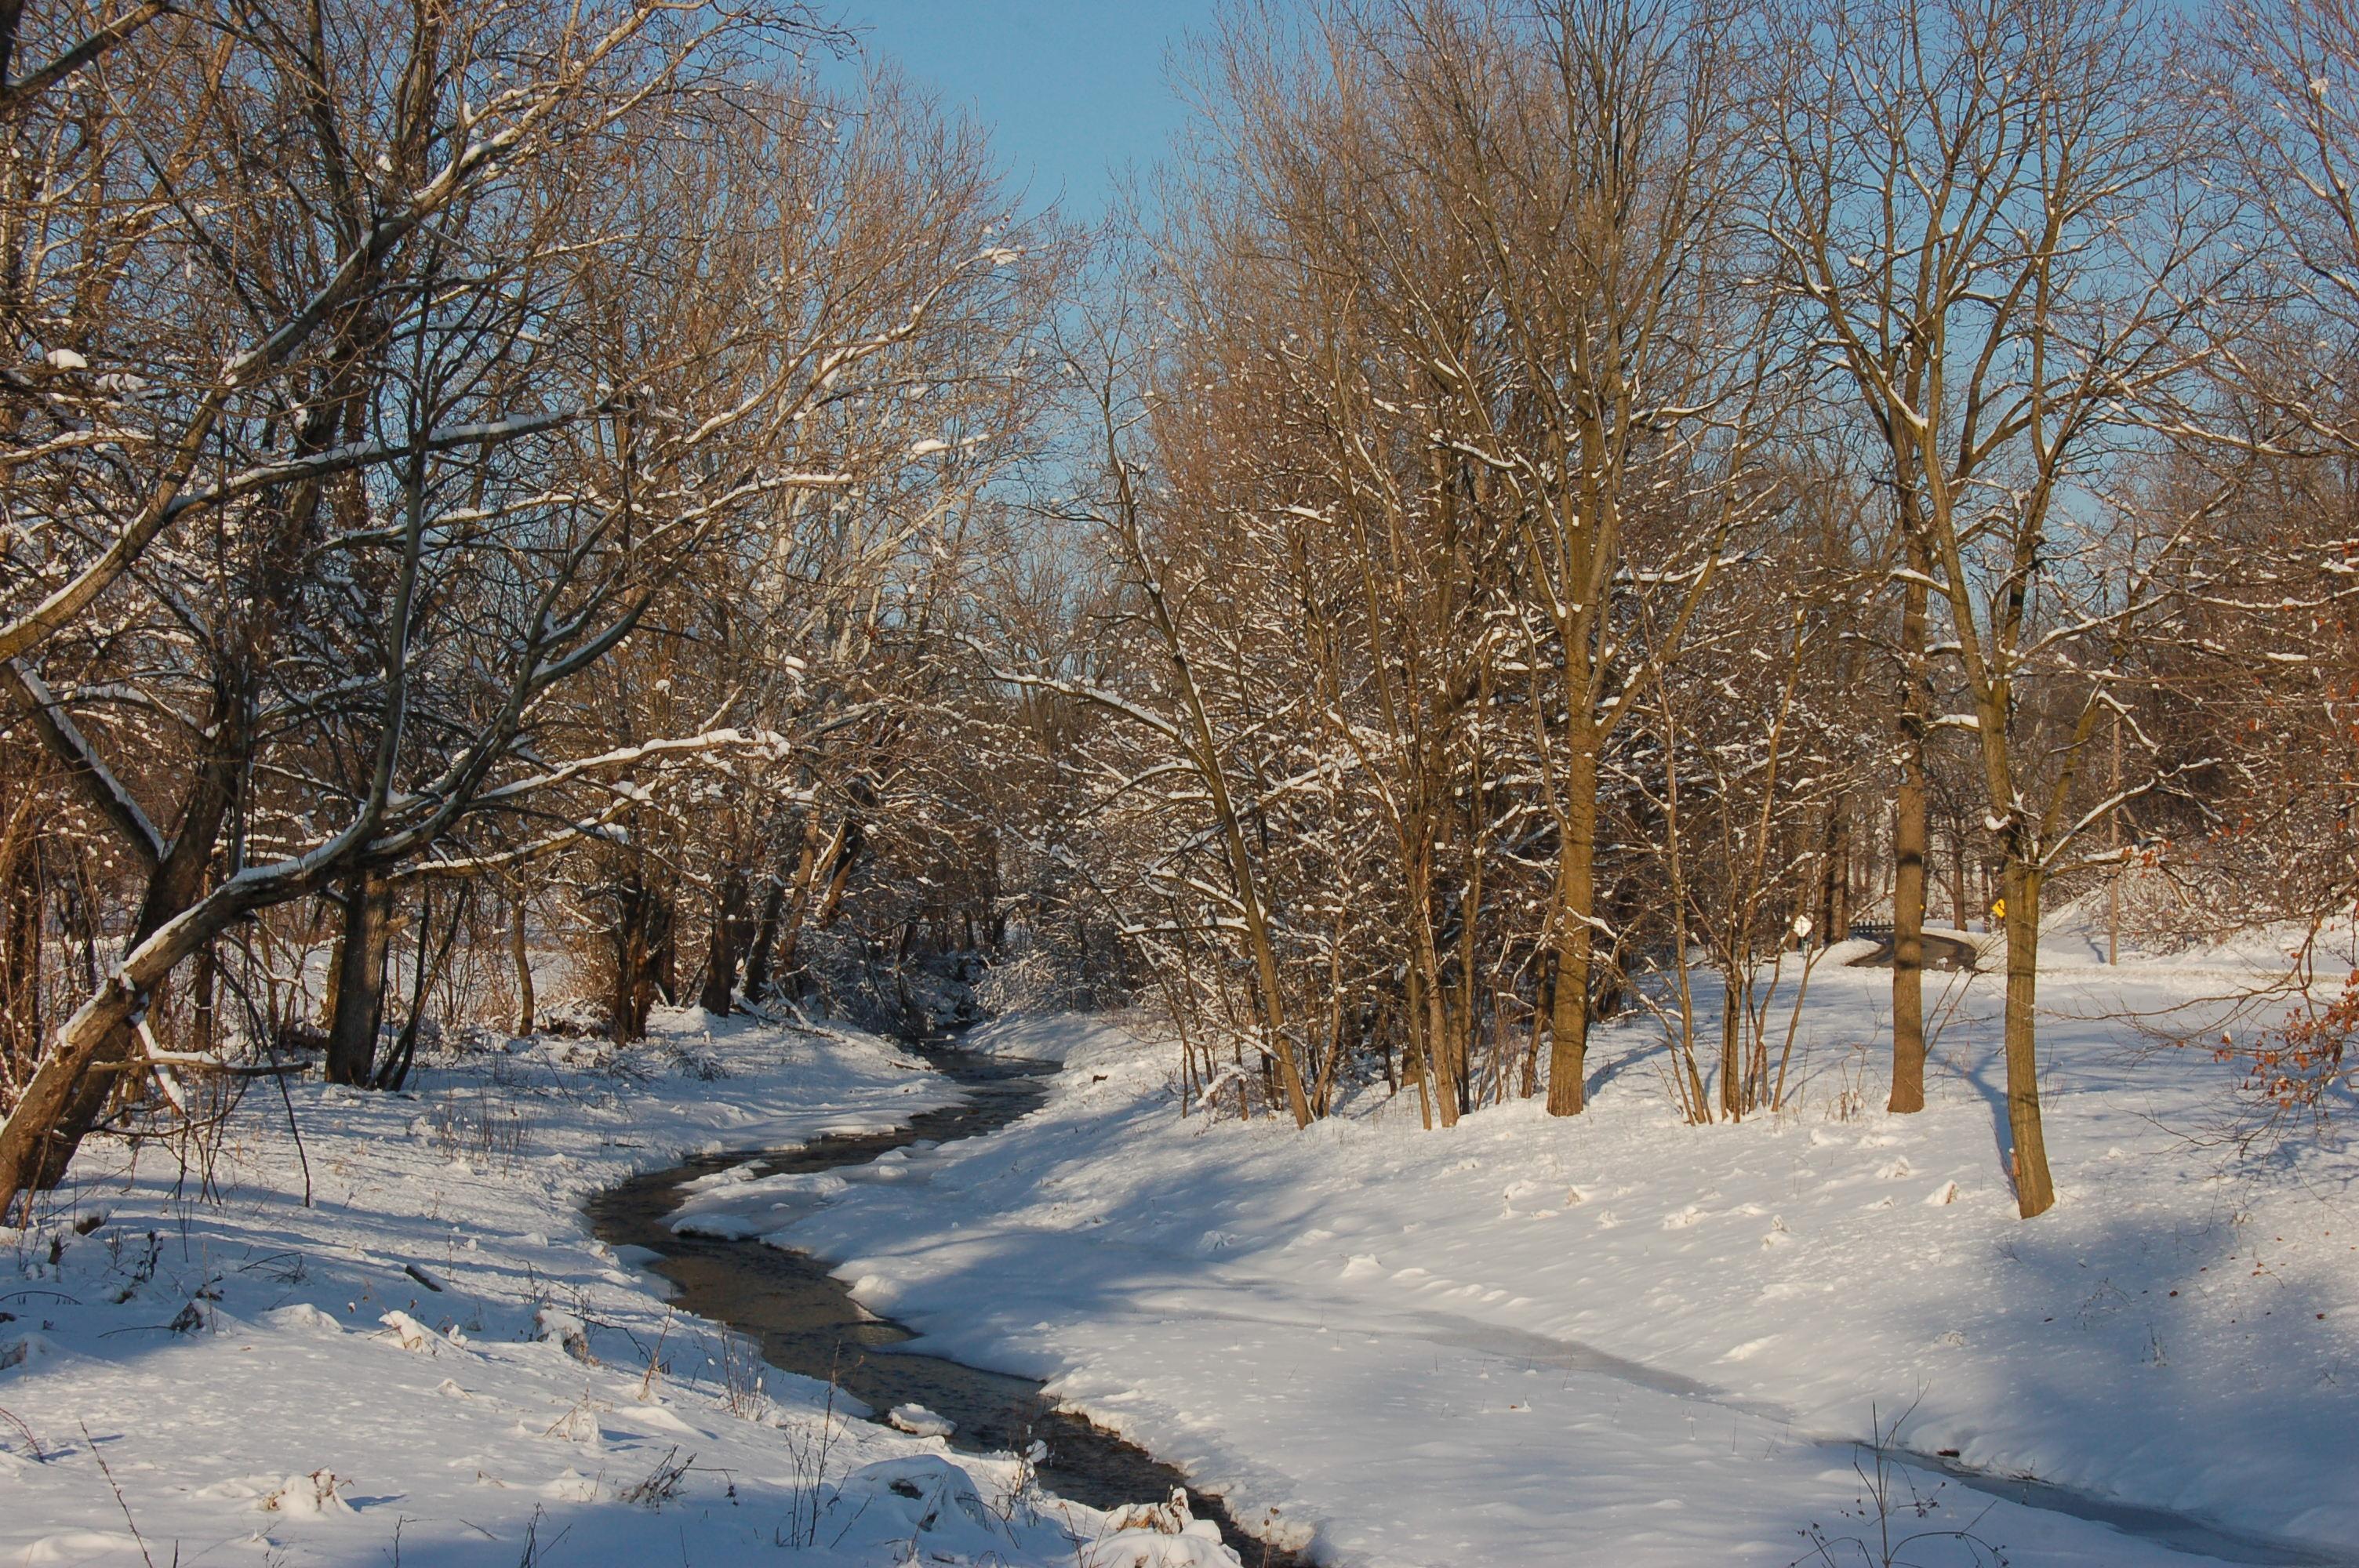 At winter's e...